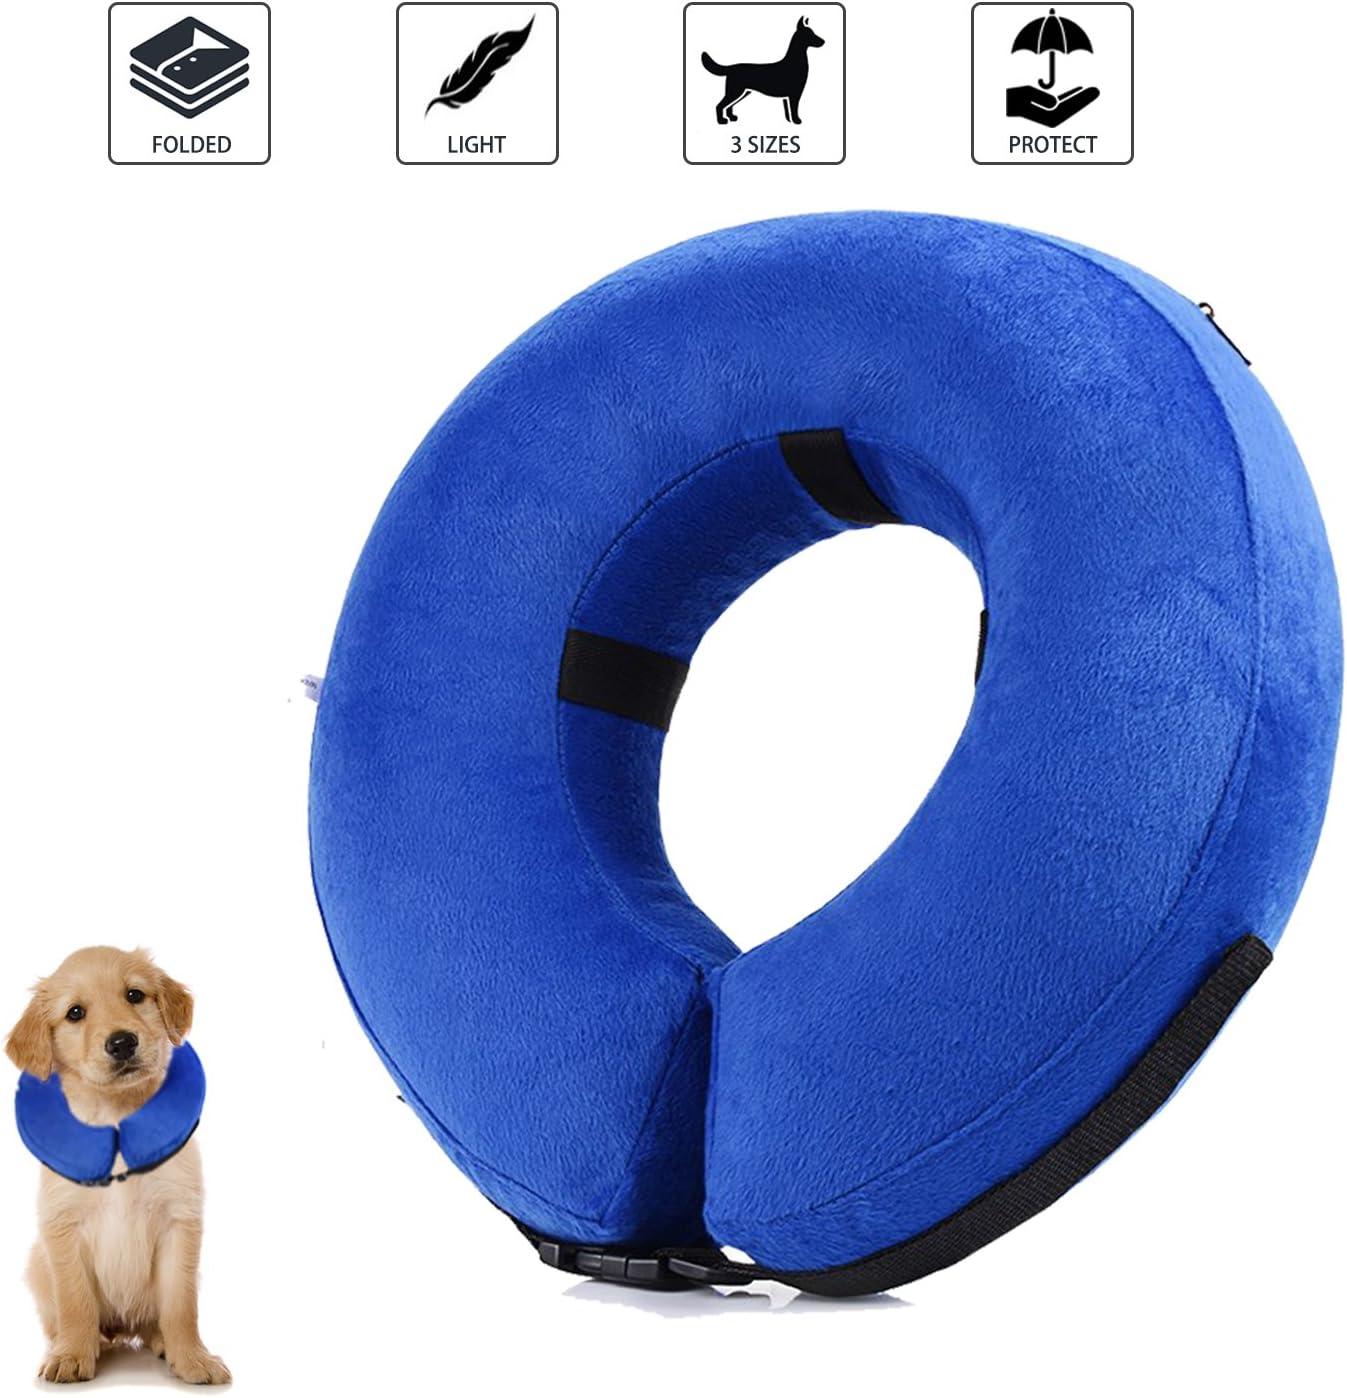 YAMI Collar de recuperación Inflable para Perros, Cono de Cuello isabelino Ajustable para Mascotas Recuperación de cirugía o heridas (S)